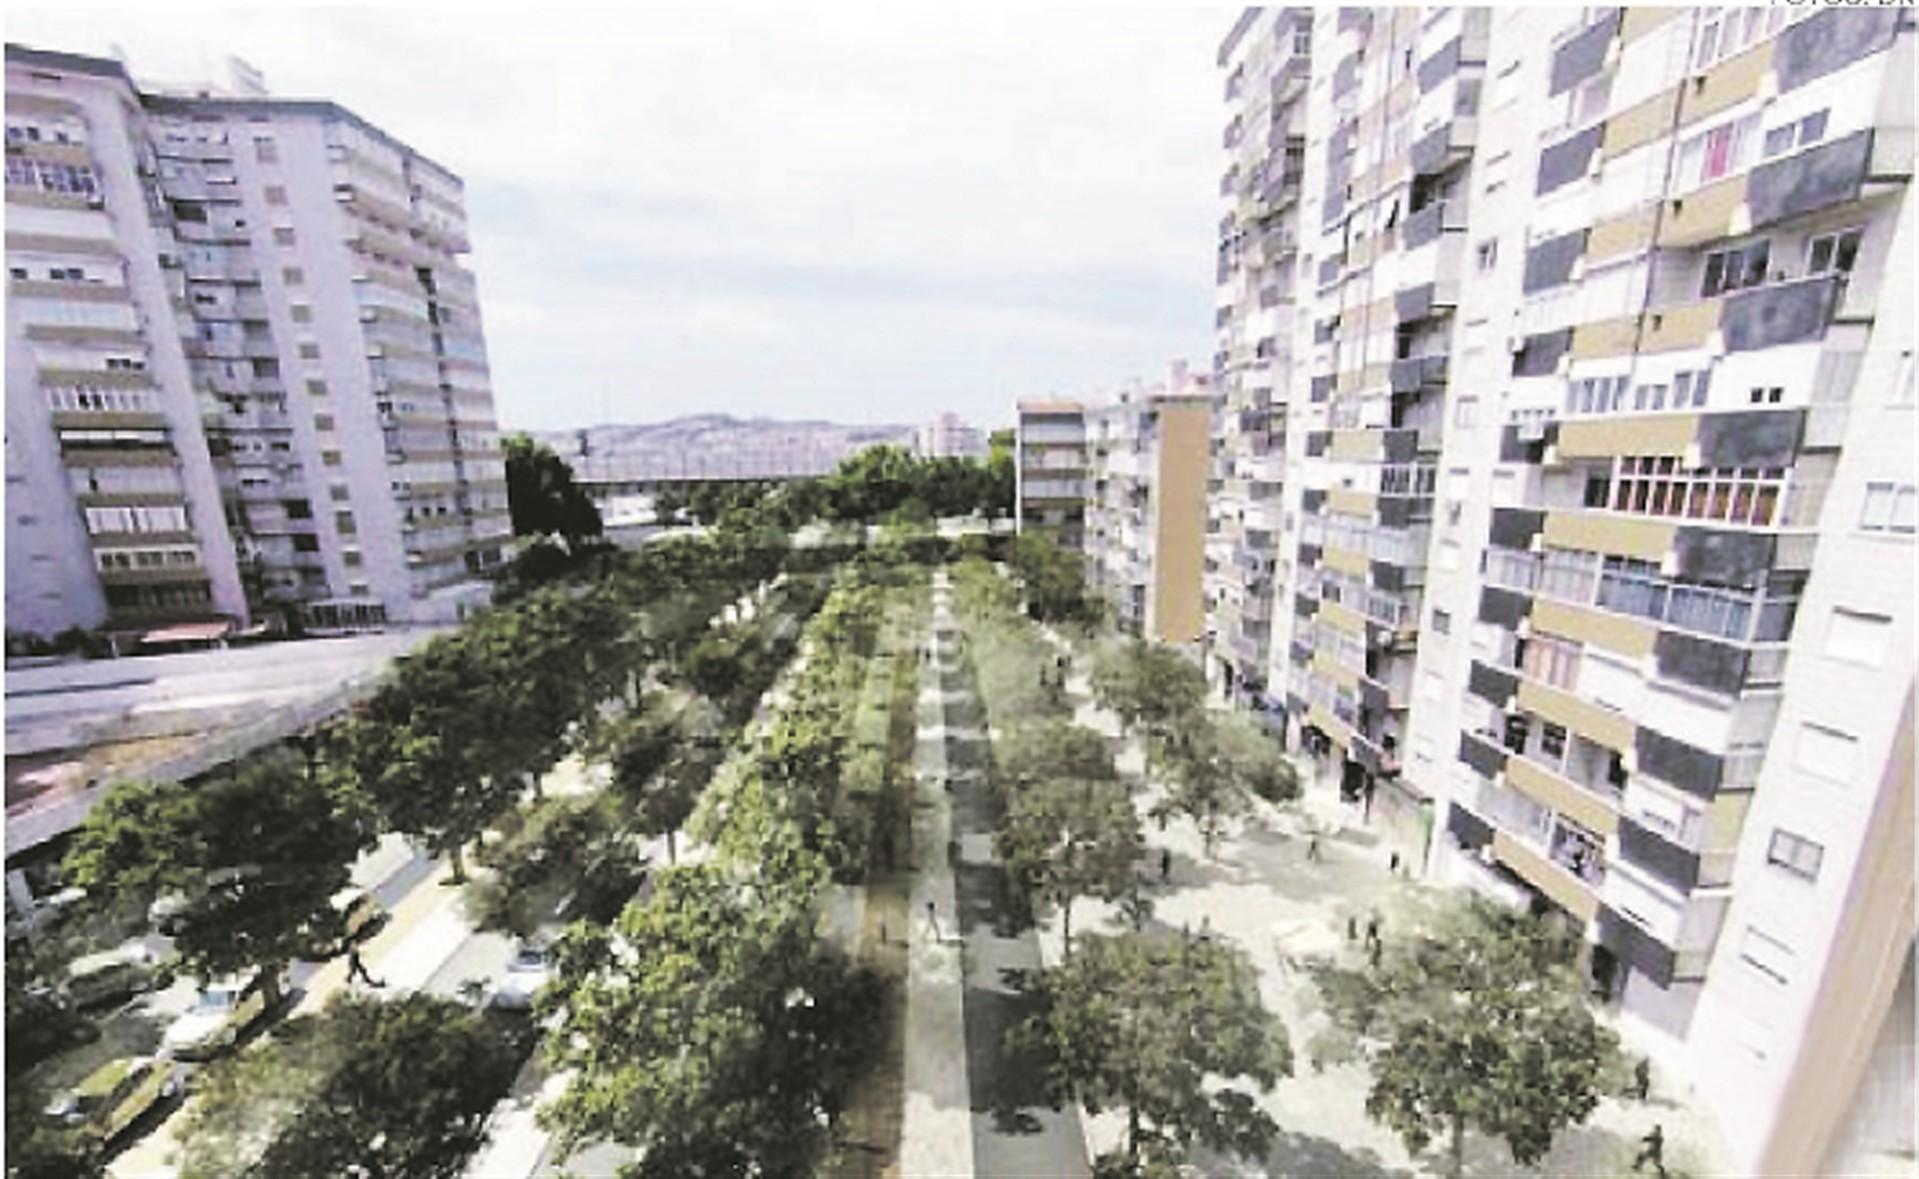 Assim será a futura Alameda das Linhas de Torres (Foto: Diário de Notícias).